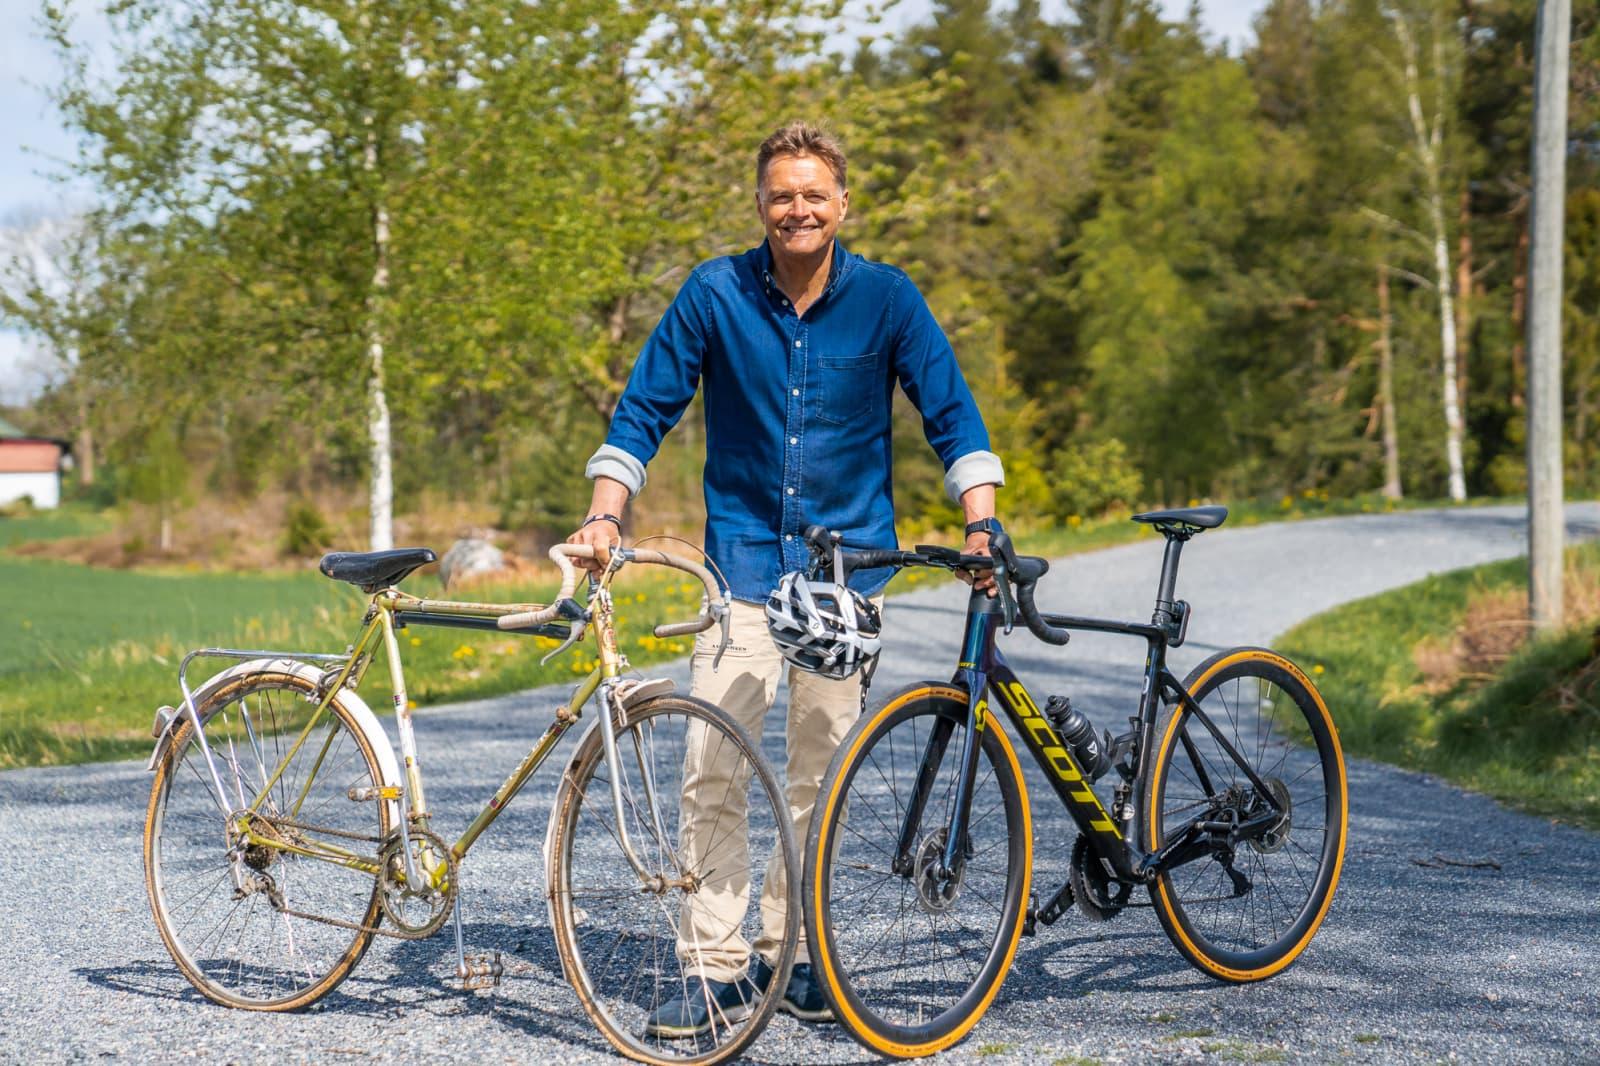 Dag Otto Lauritzen trenger din hjelp til å lage mange nye sykler av gjenvunnet aluminiumsemballasje. Her med en gammel og en ny sykkel.